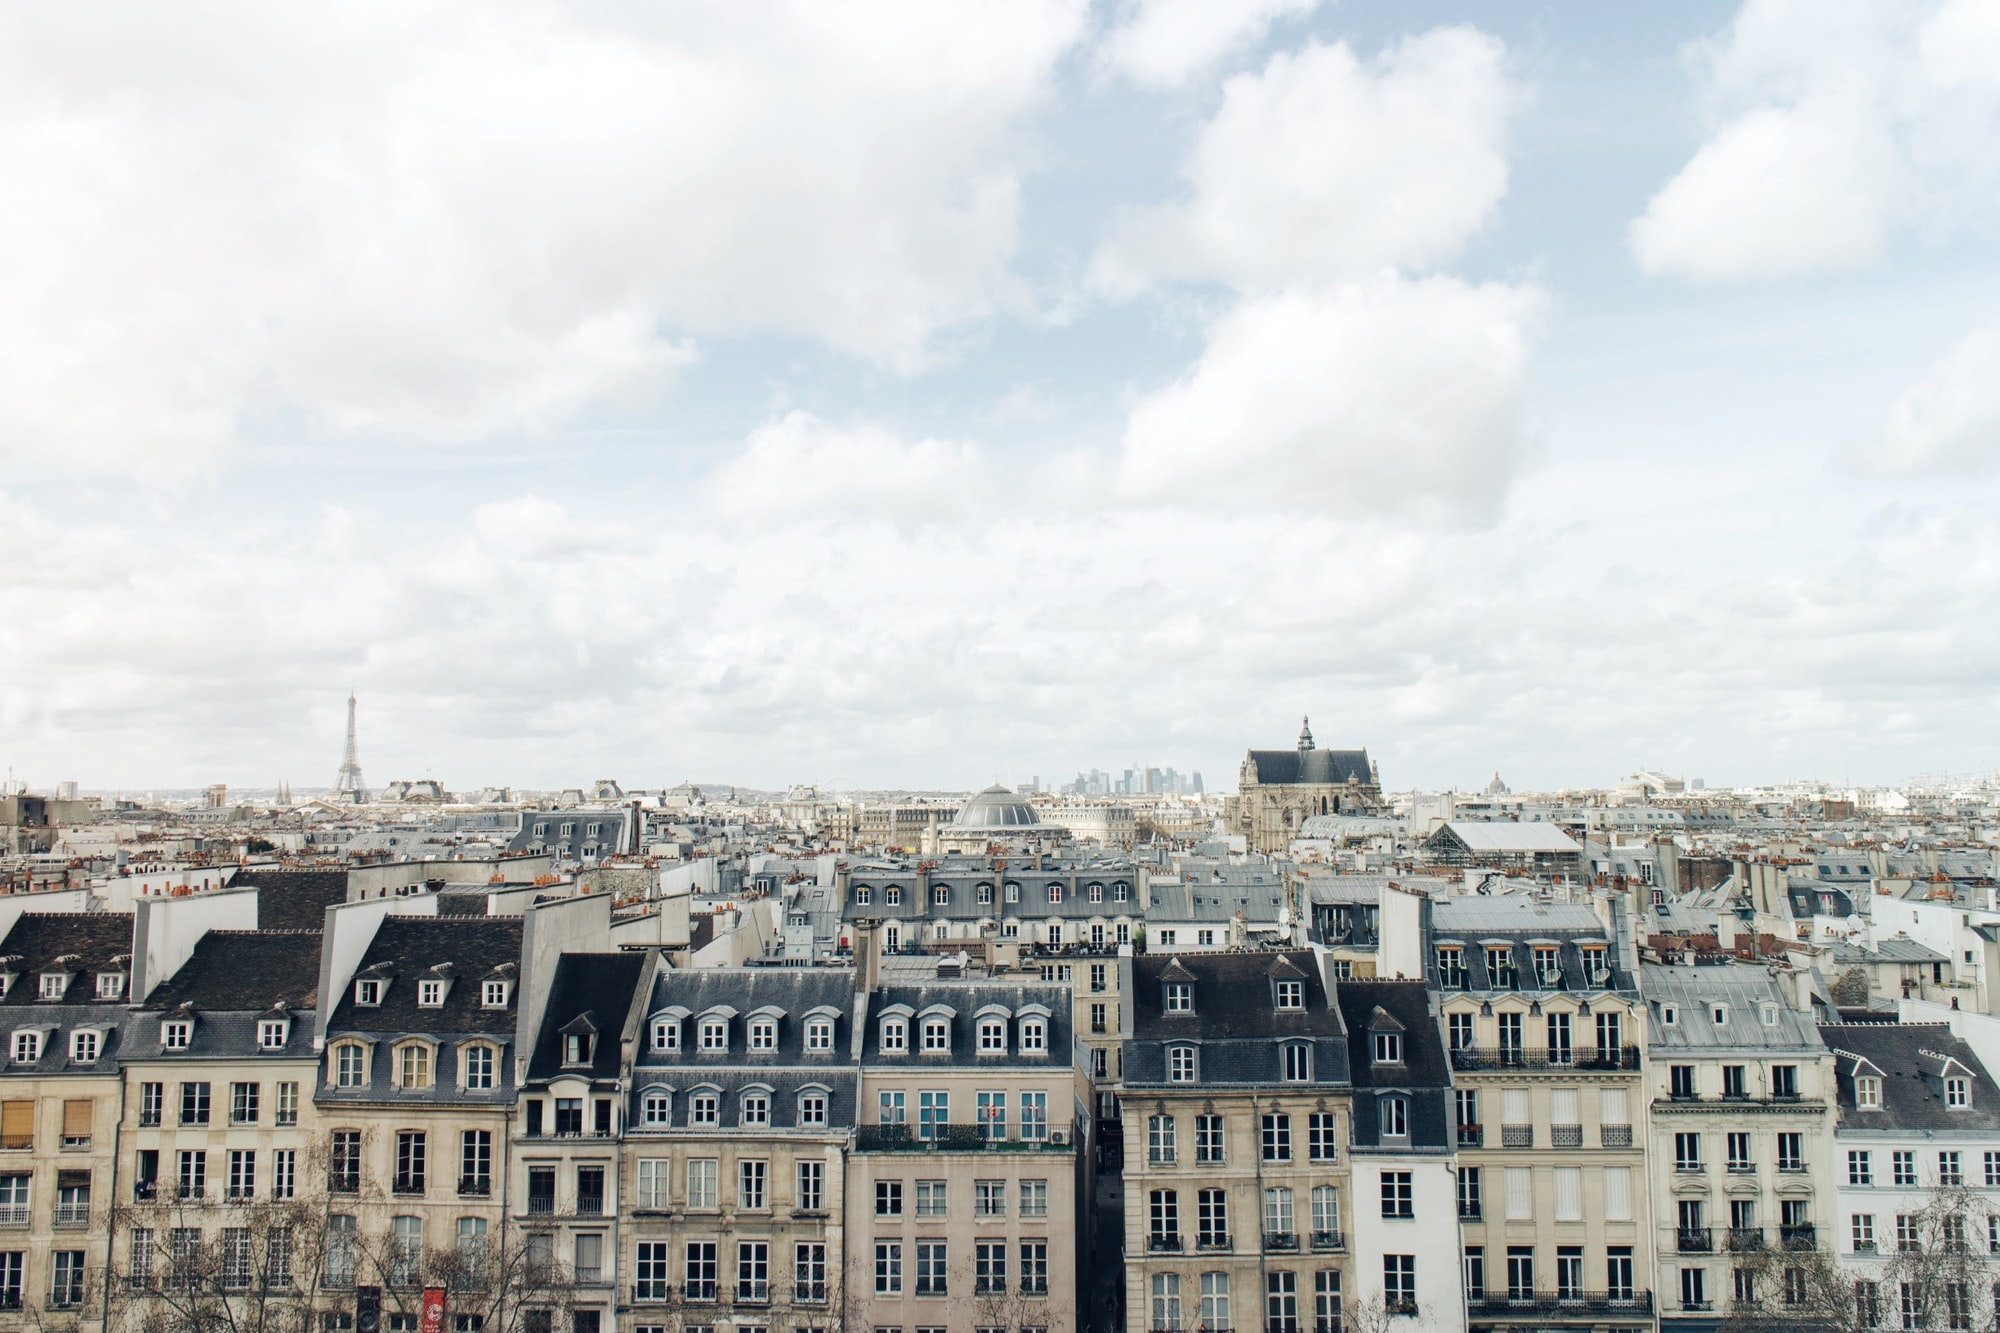 Francia Vota por Prohibir Vuelos Cortos Donde sea Posible Viajar en Tren